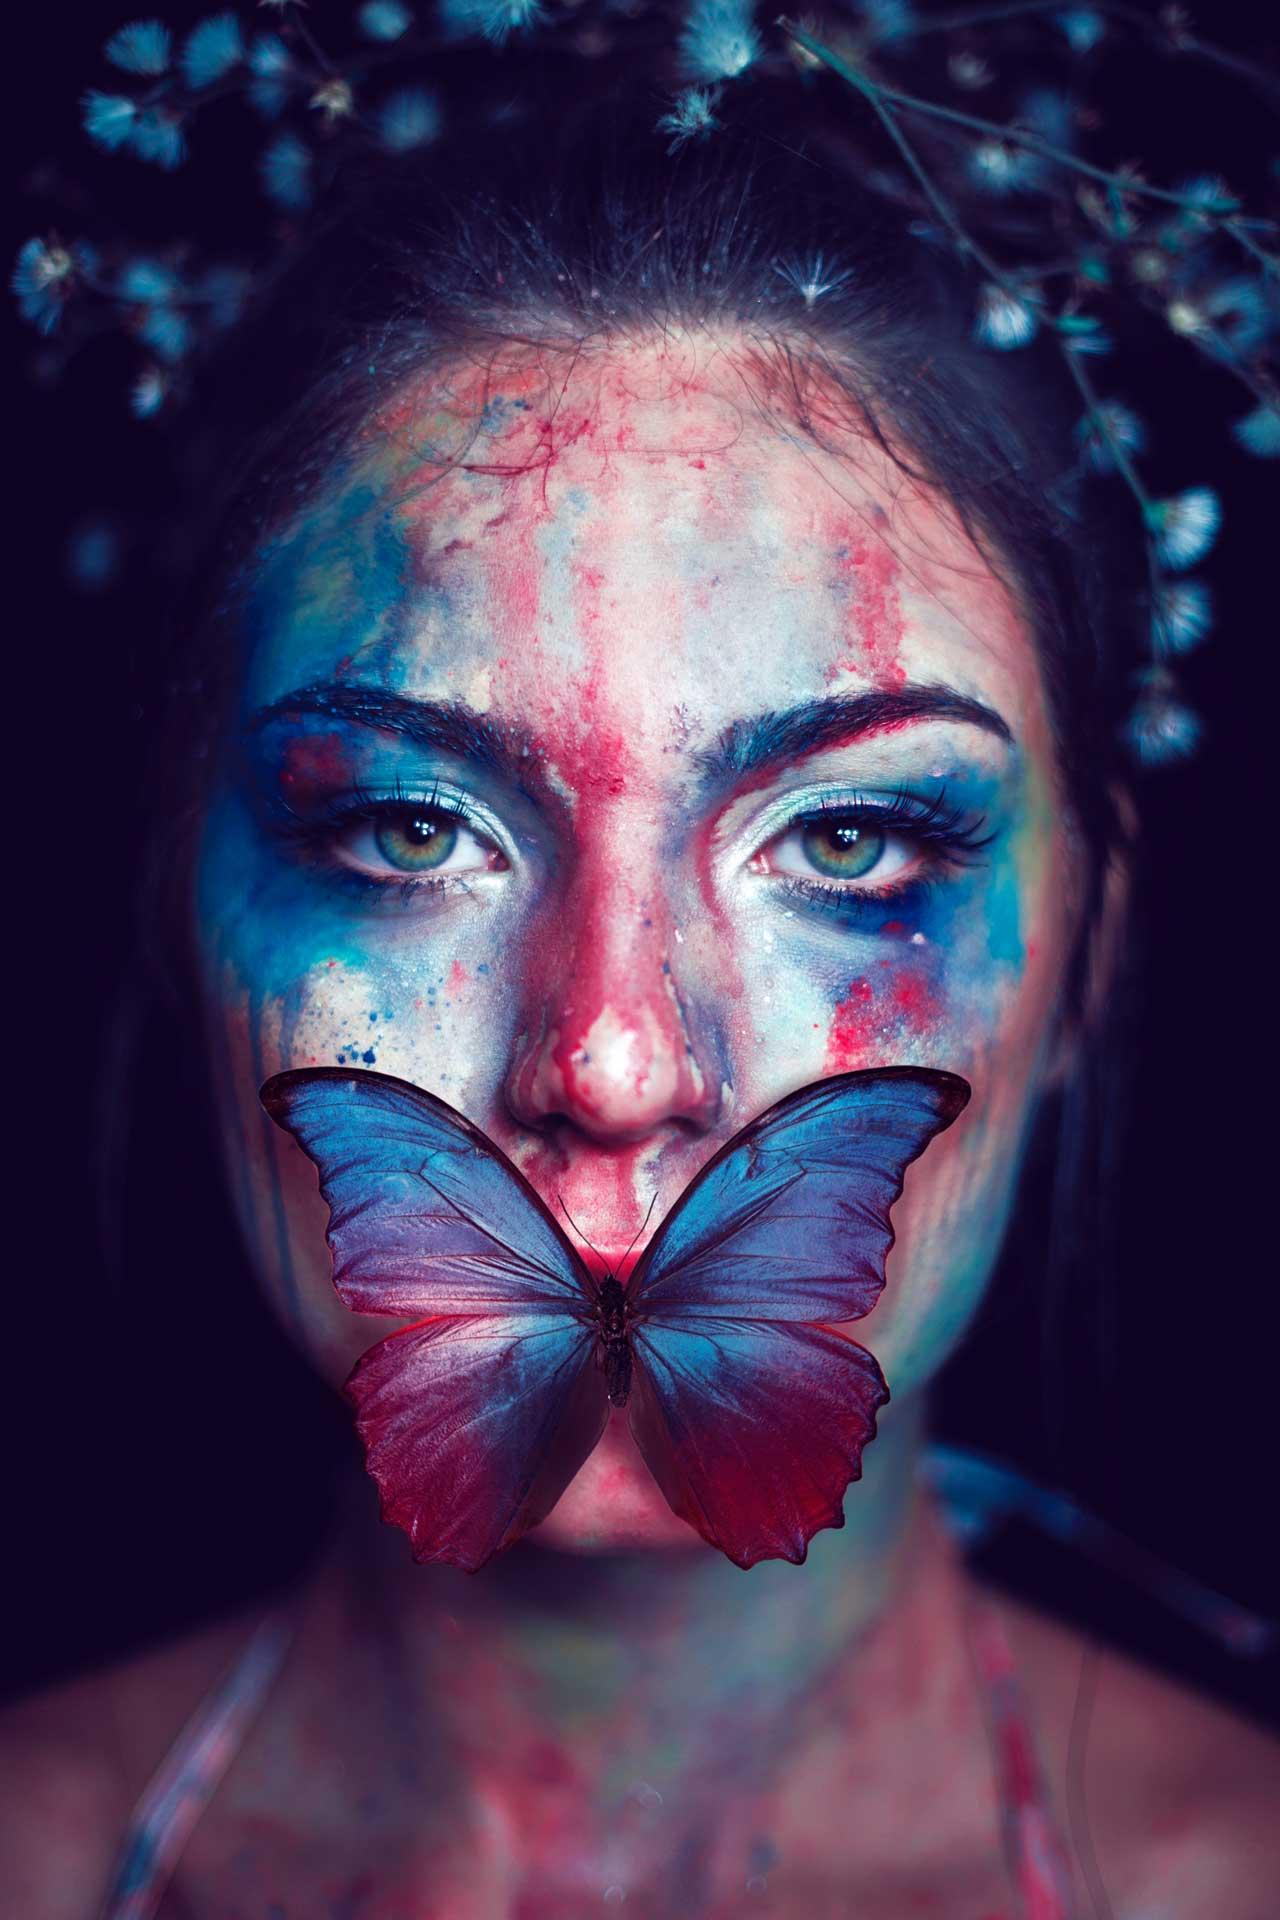 foto di Isabella Mariana da <a href='https://www.pexels.com/it-it/foto/acquerello-arte-artistico-artsy-1988681/' target='_blank'>Pexels</a>